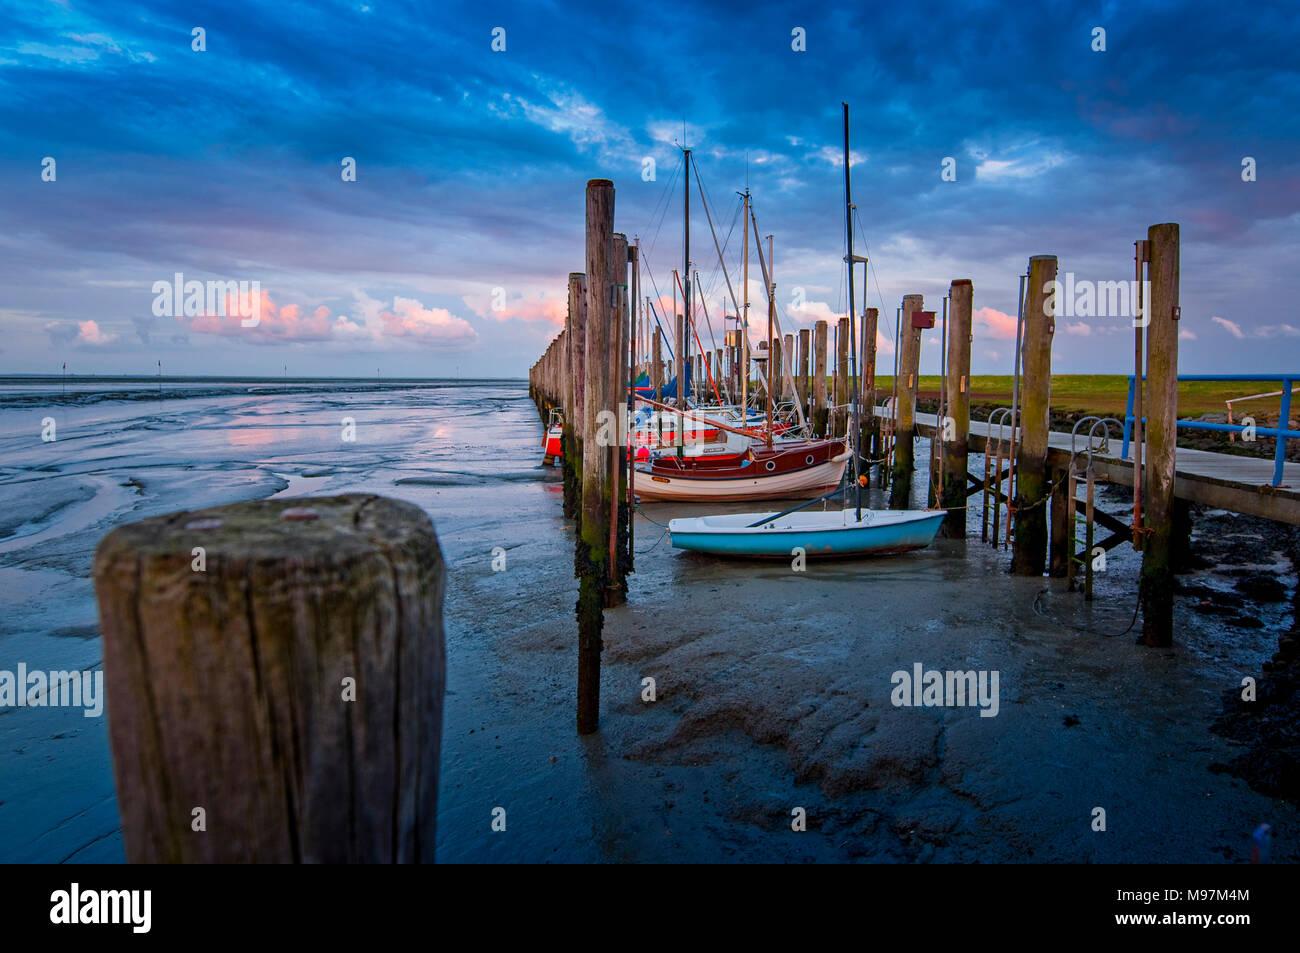 Deutschland, Schleswig-Holstein, Pellworm, Hafen, Anleger, Segelboote Stockbild